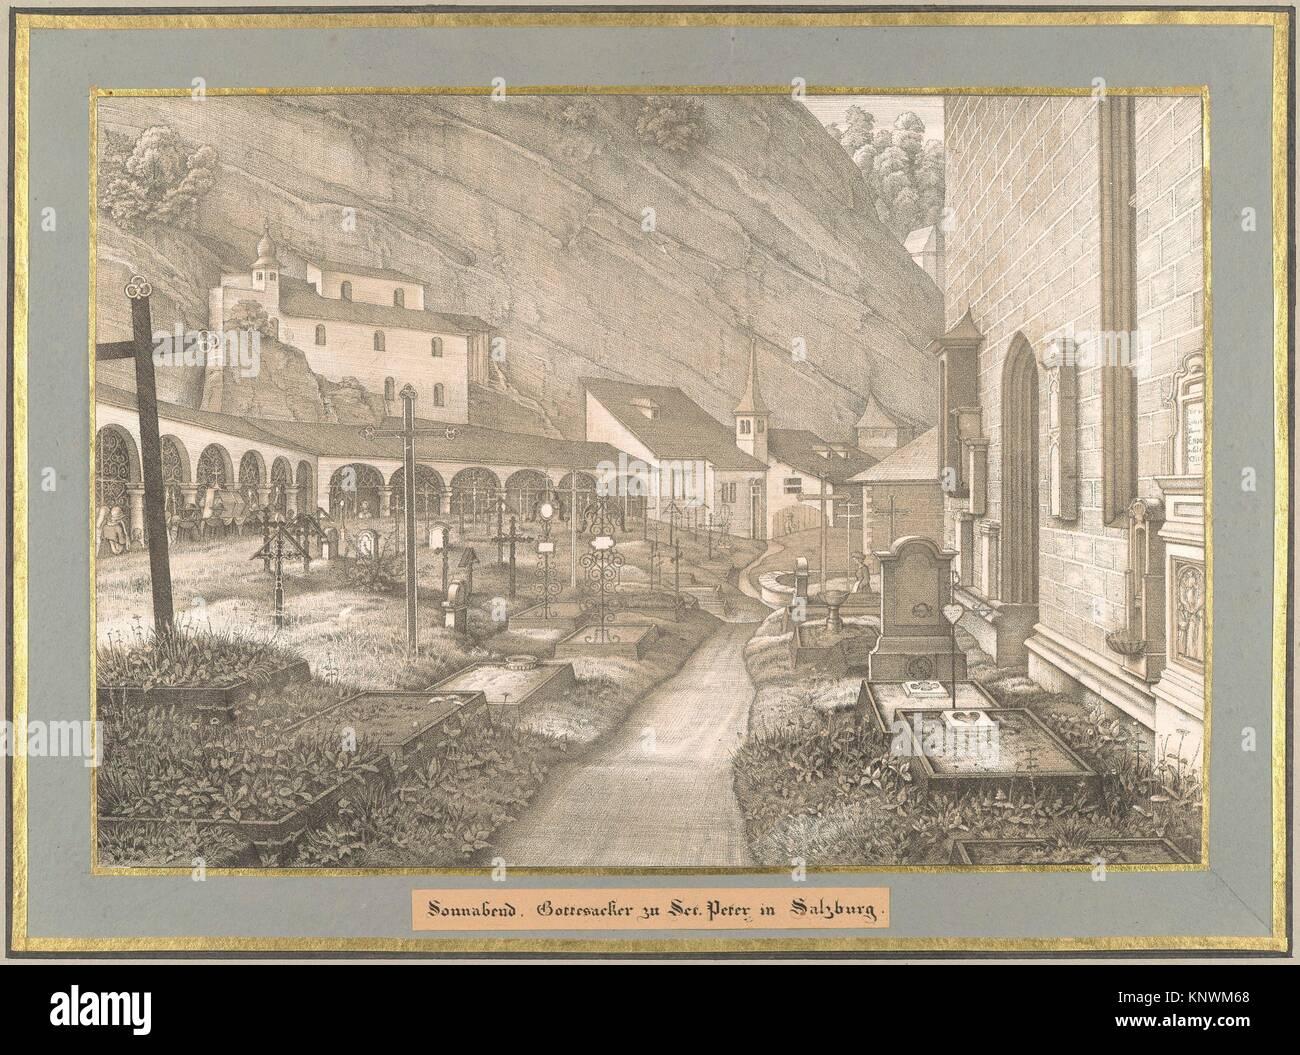 Sonnabend from Sieben Gegenden aus Salzburg und Berchtesgaden Geordnet nach den sieben Tagen der Woche, verbunden - Stock Image